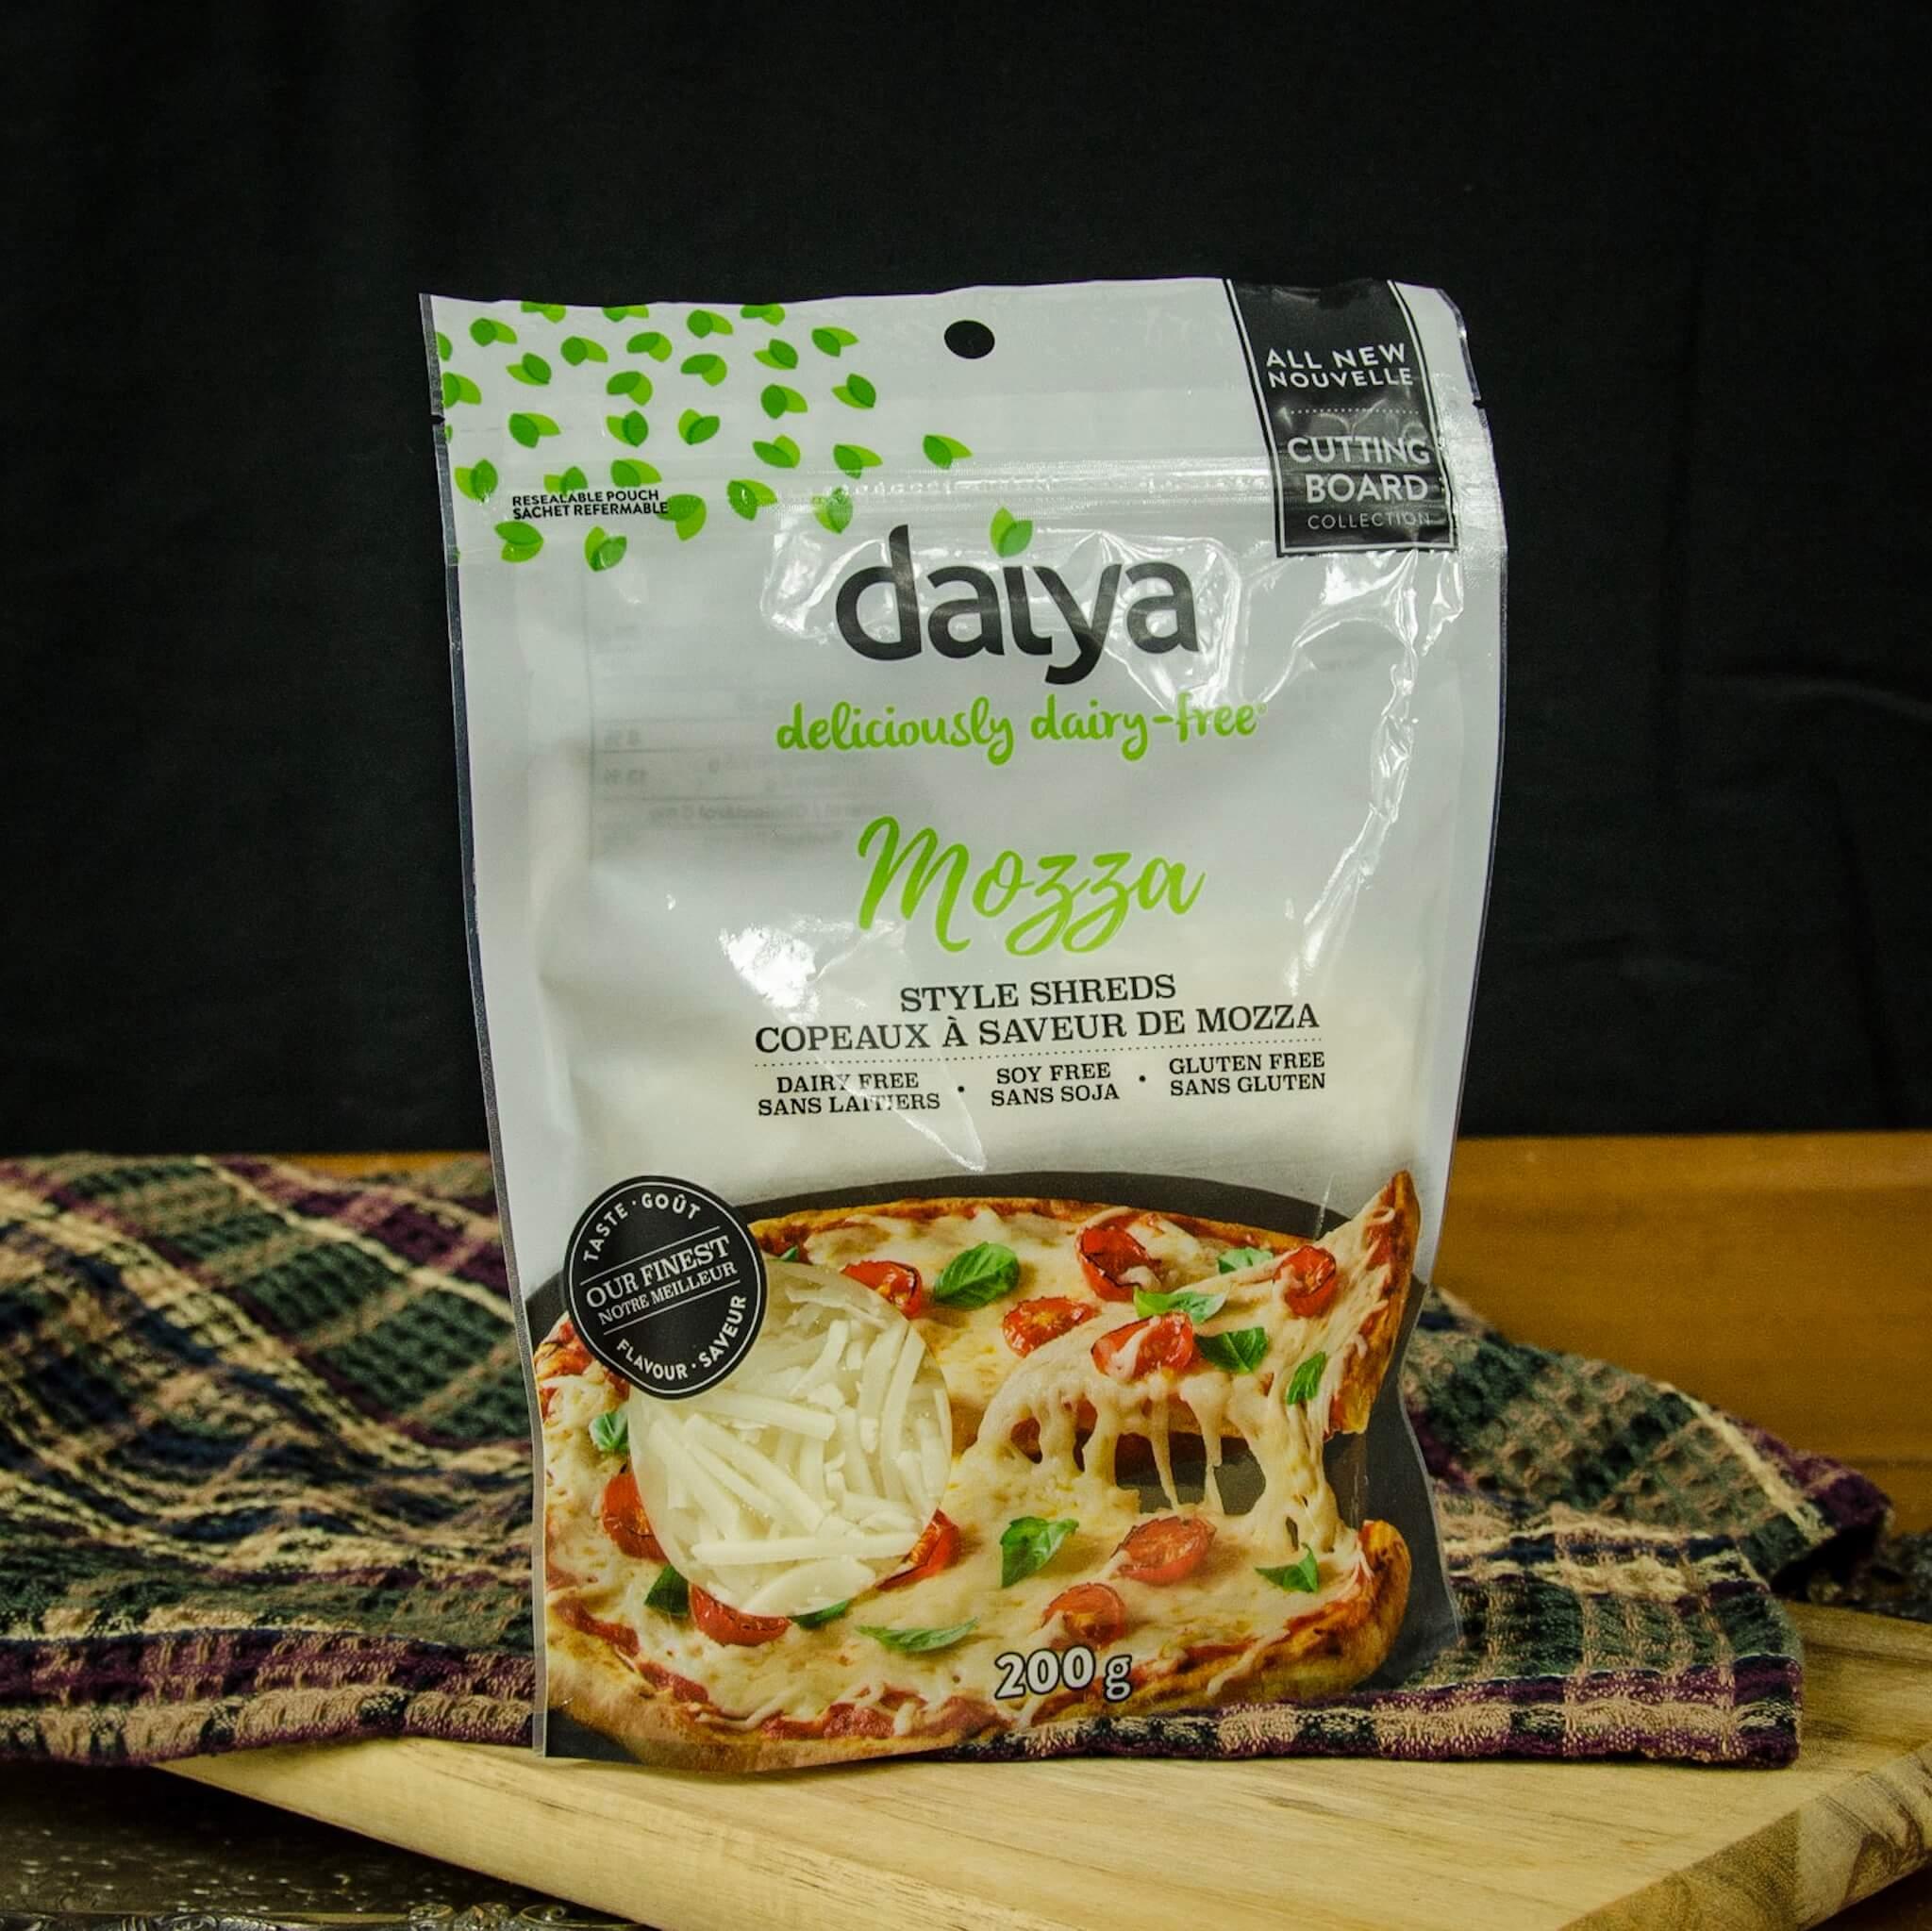 daiya mozzarella cutting board shreds